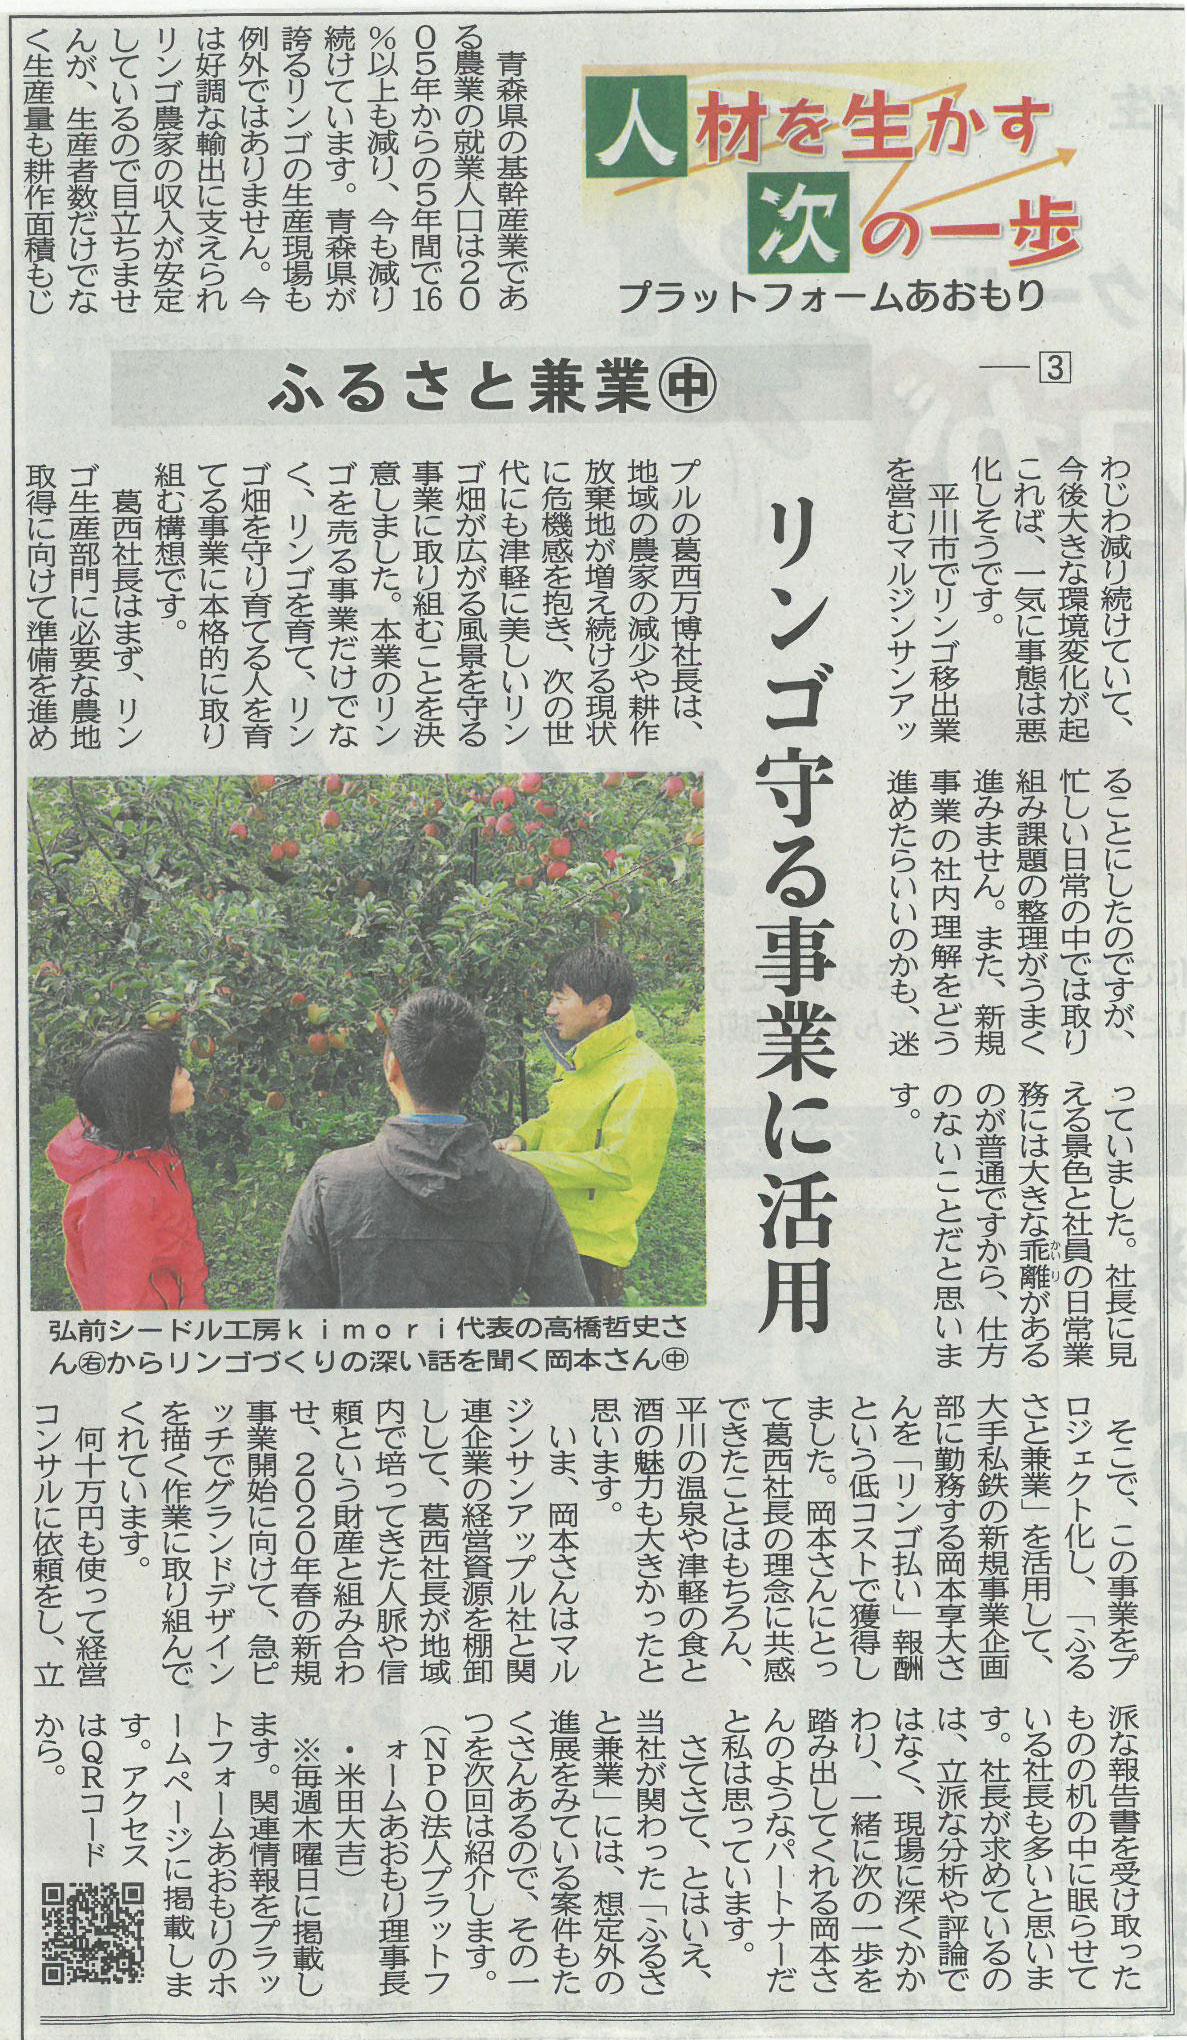 【東奥日報コラム「人材を生かす次の一歩」】第3週「新規事業を「ふるさと兼業」で」